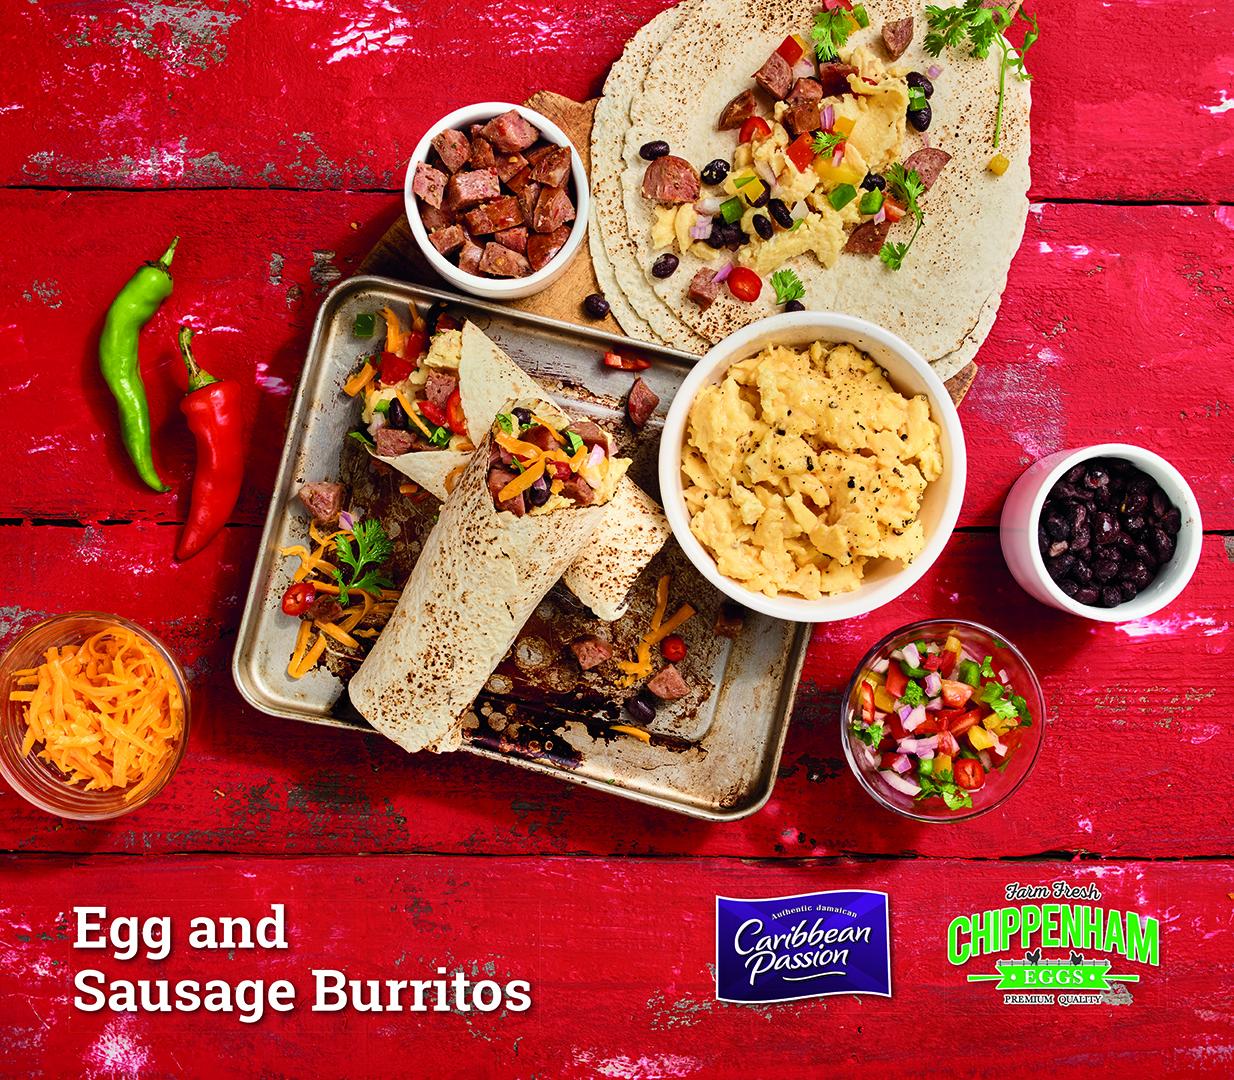 Egg and Sausage Burritos